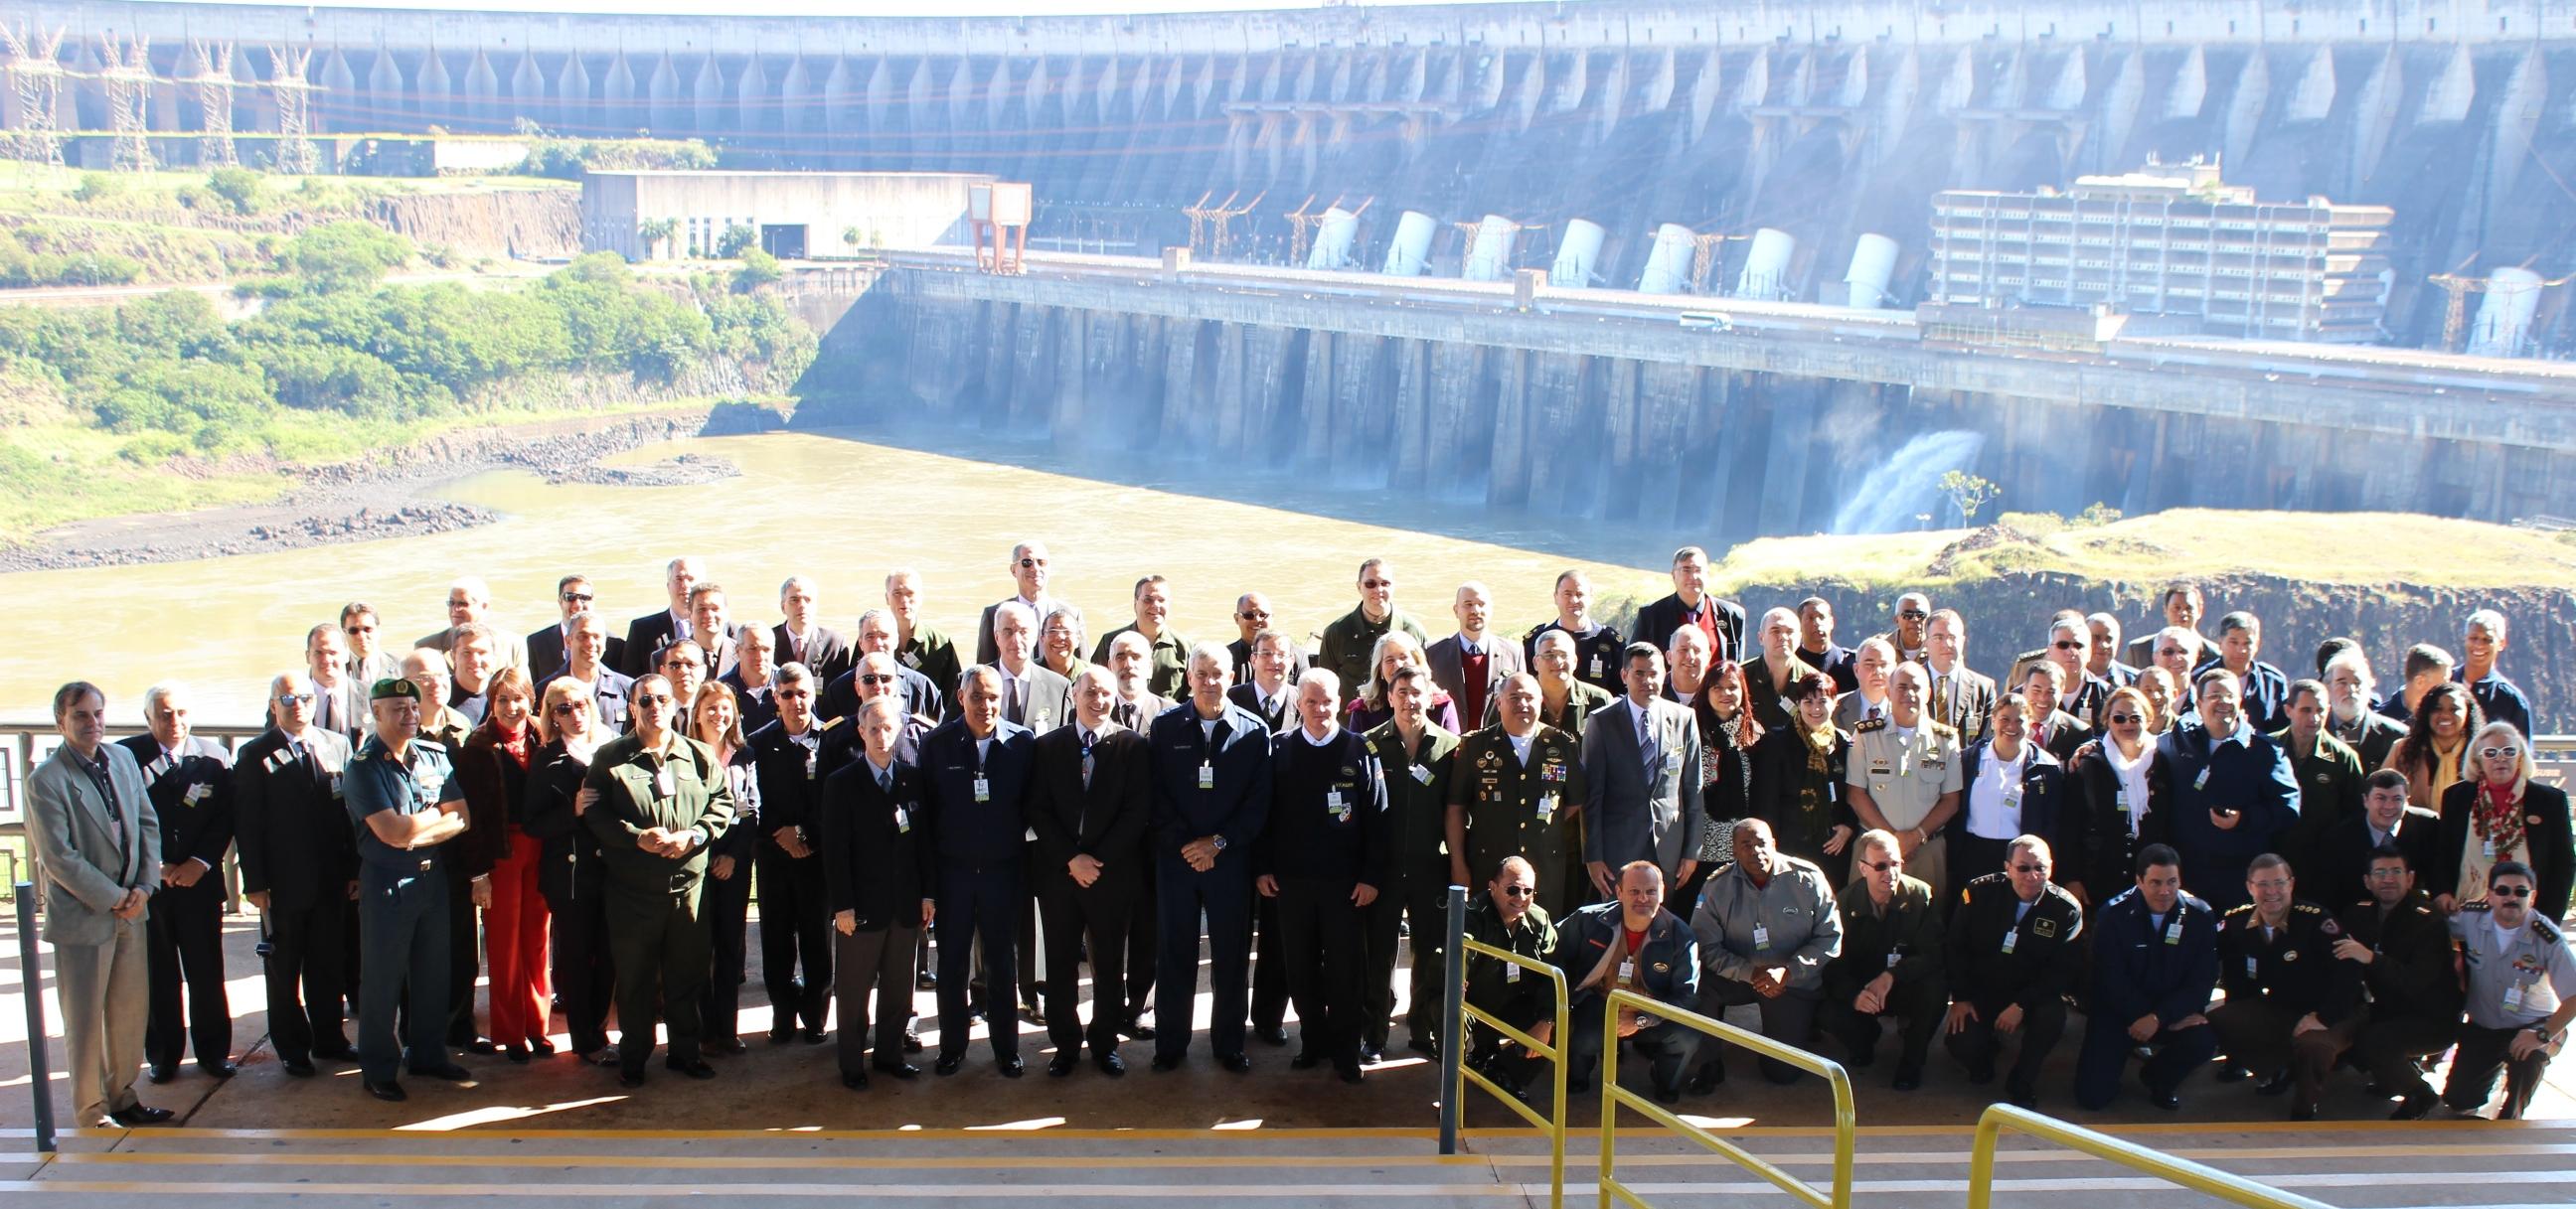 CAEPE Visita Hidrelétrica de Itaipu Binacional